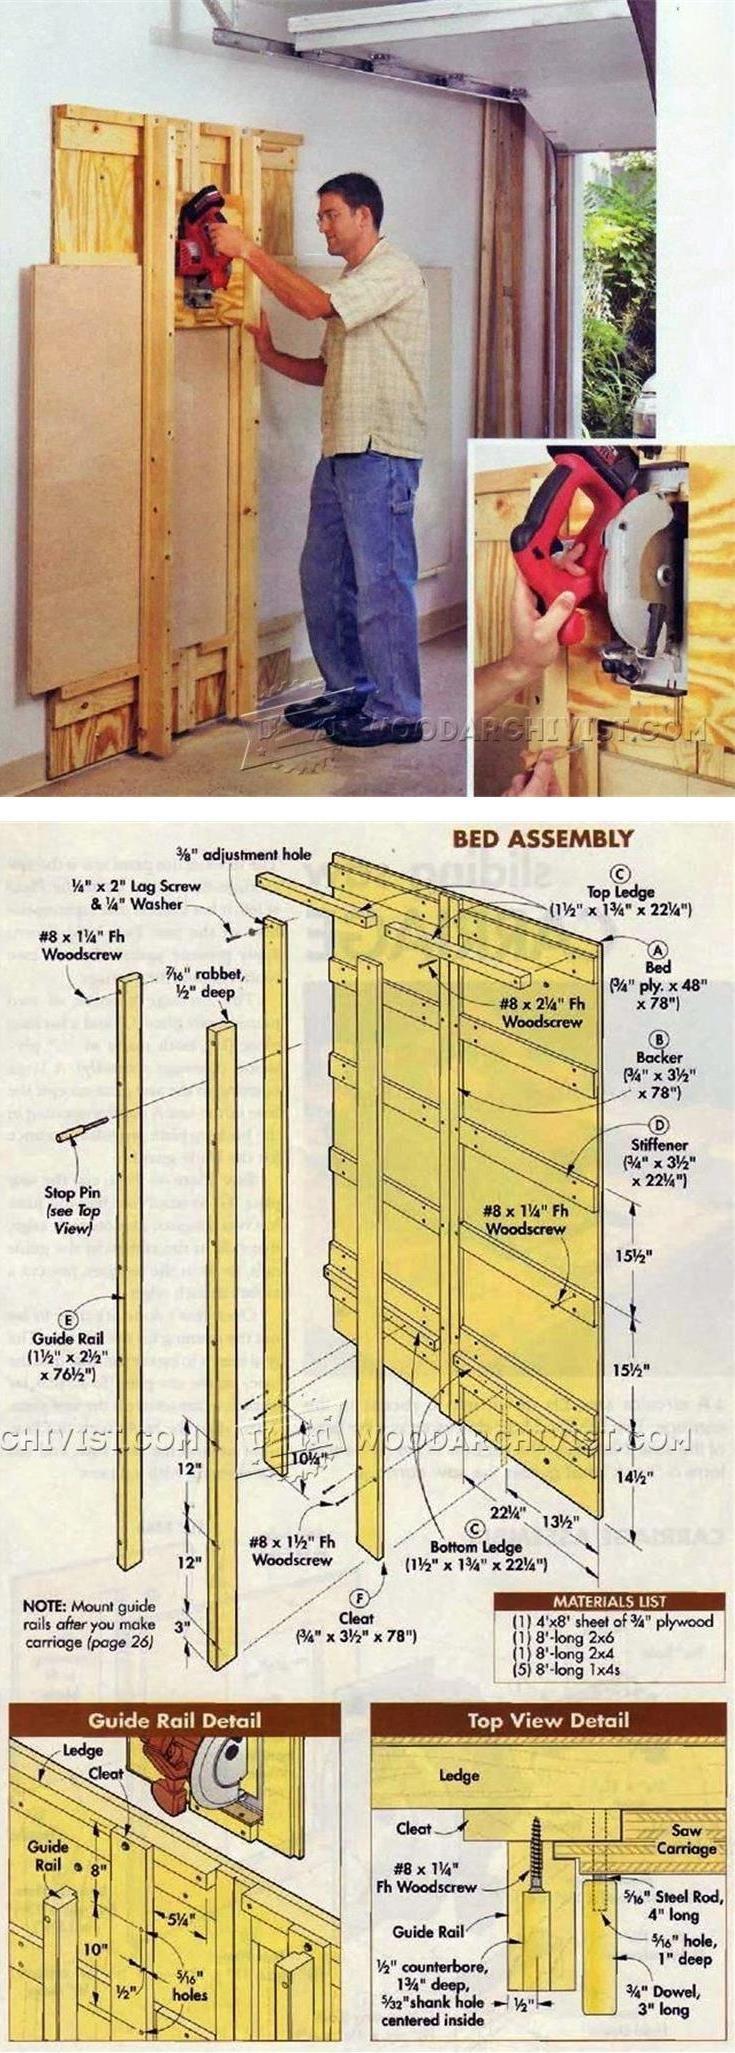 DIY Panel Saw - Circular Saw Tips, Jigs and Fixtures   WoodArchivist.com